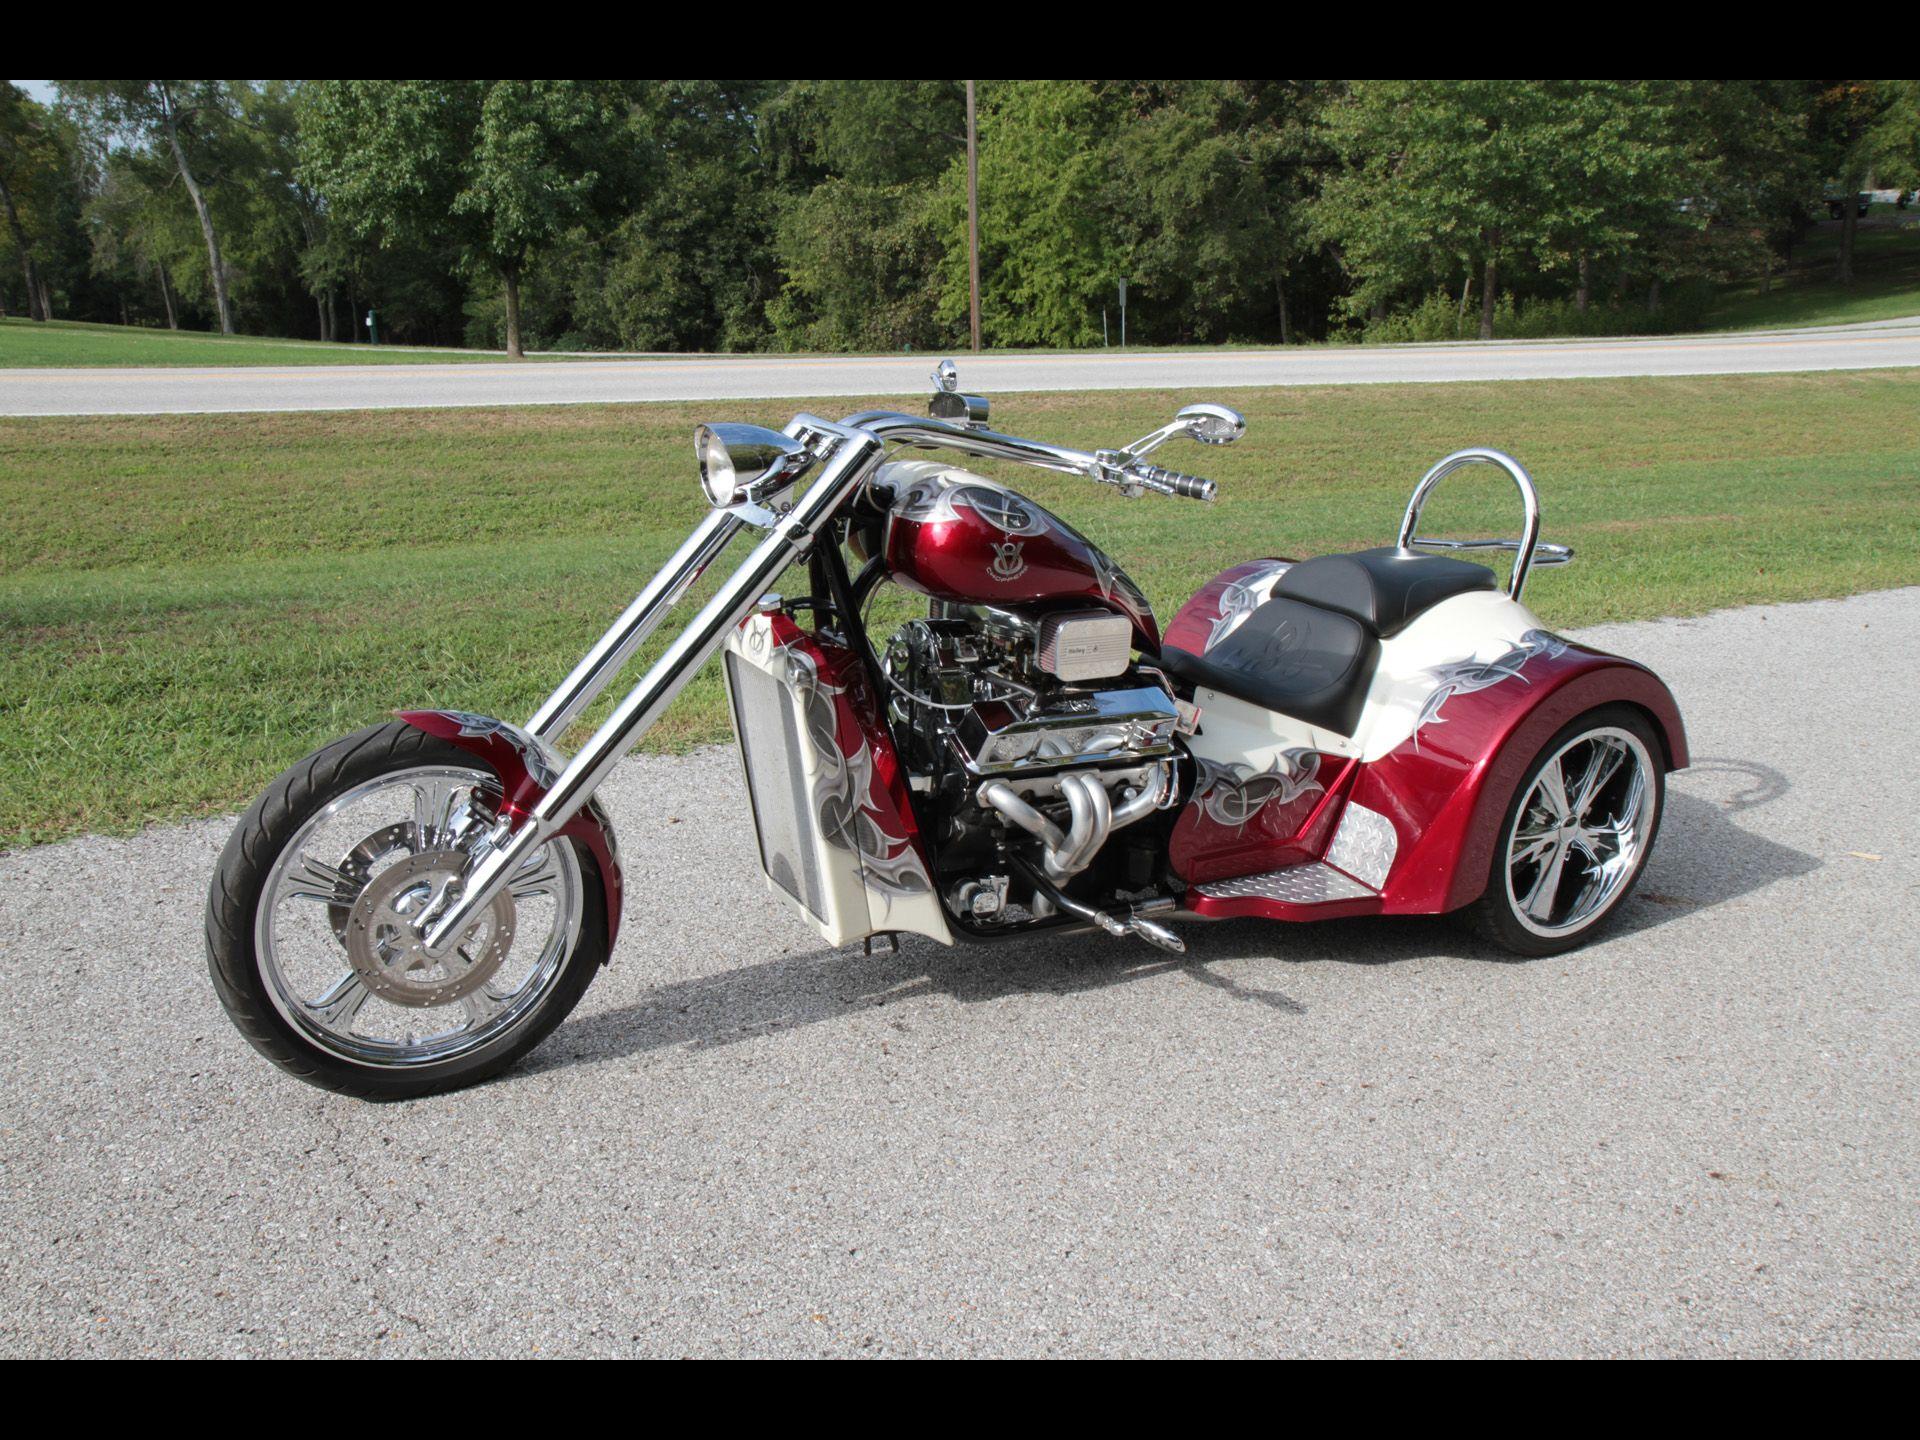 v8 trikes 2011 v8 choppers sp series sport trike front. Black Bedroom Furniture Sets. Home Design Ideas